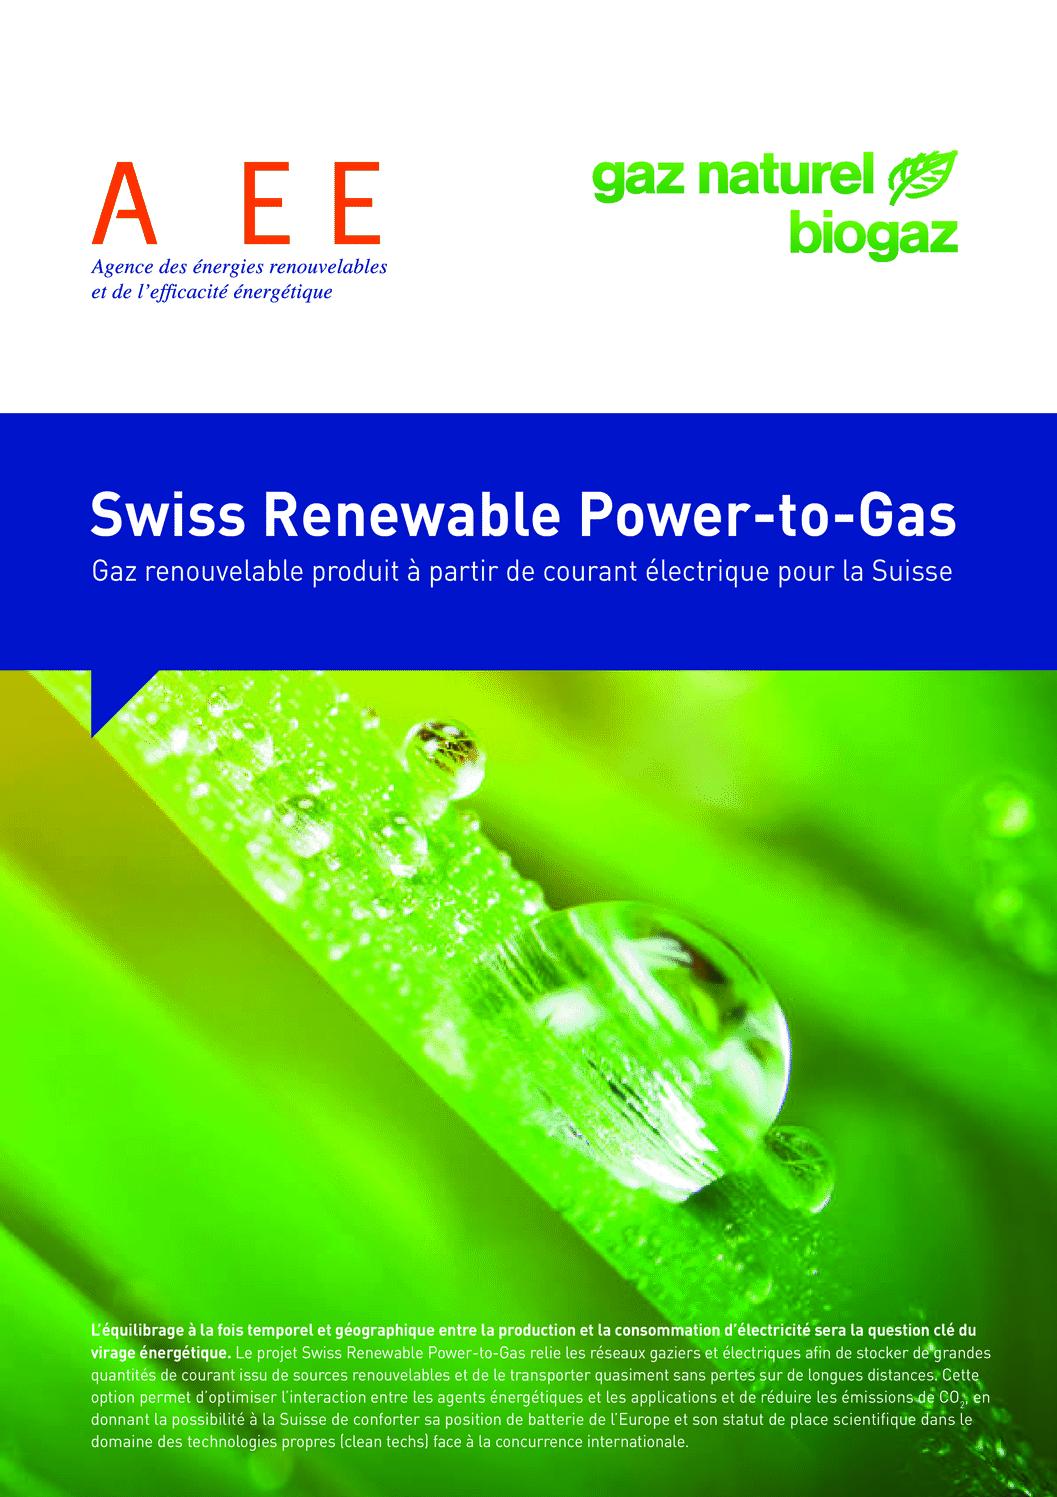 aee suisse Brochure Power-to-Gas